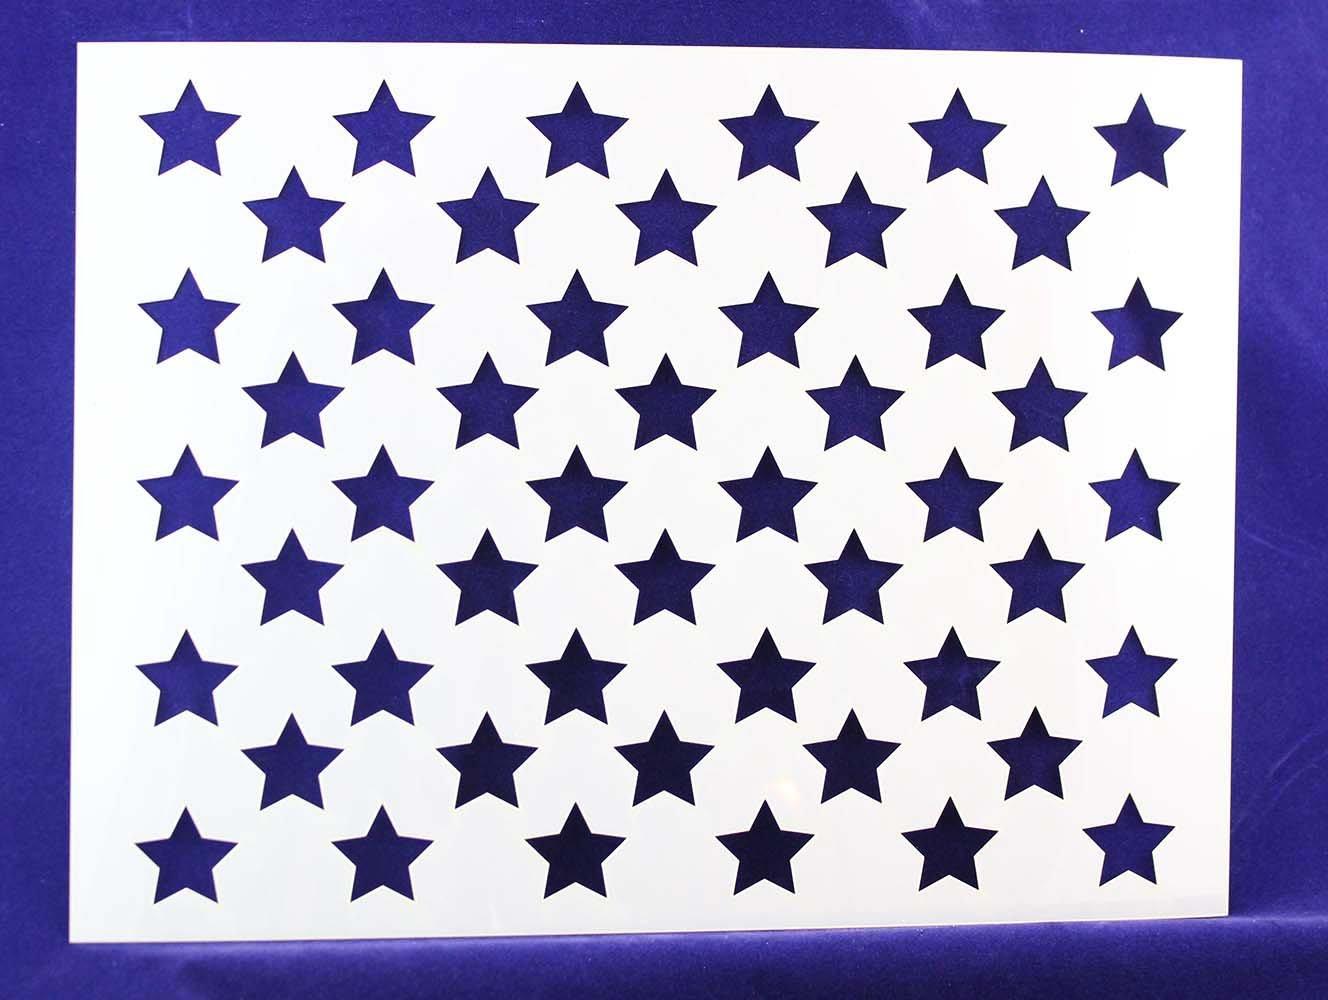 50 Star Field Stencil 14 Mil -14.8